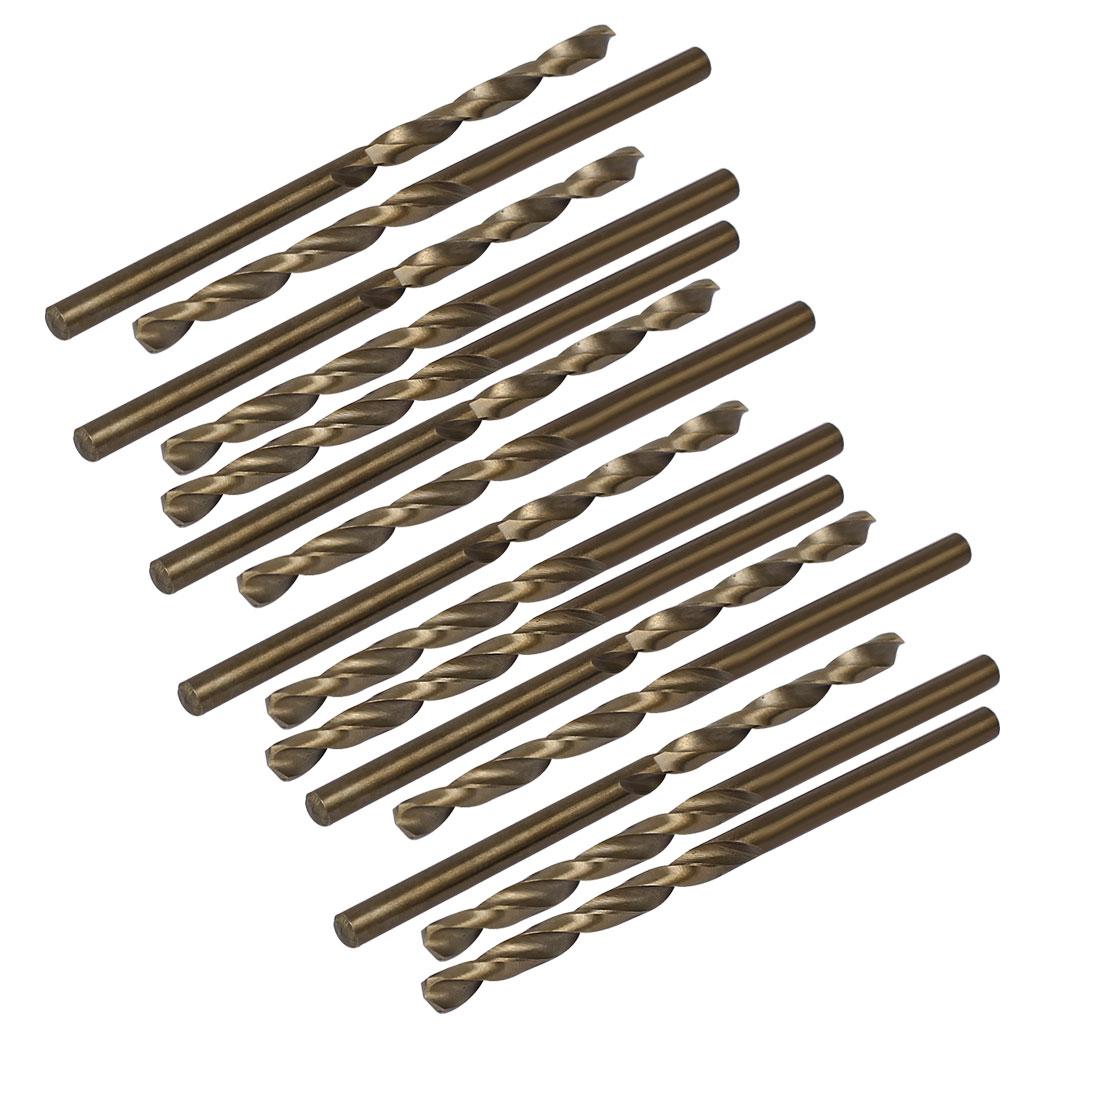 3.1mm Drilling Dia HSS Cobalt Metric Spiral Twist Drill Bit Rotary Tool 15pcs